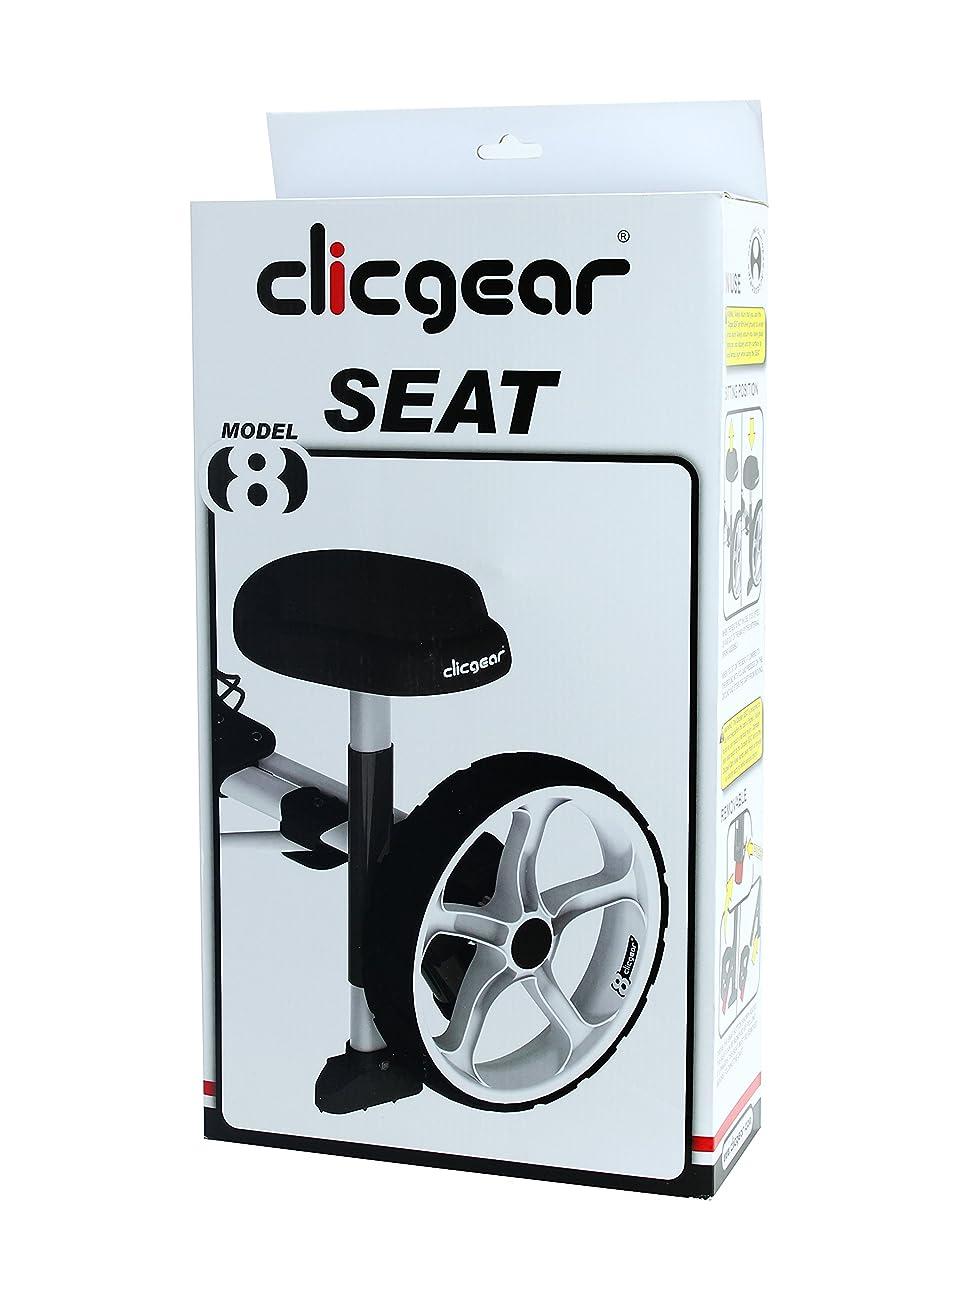 スカートゴムゴミclicgear(クリックギア) clicgear カートシート(クリックギア8.0用)